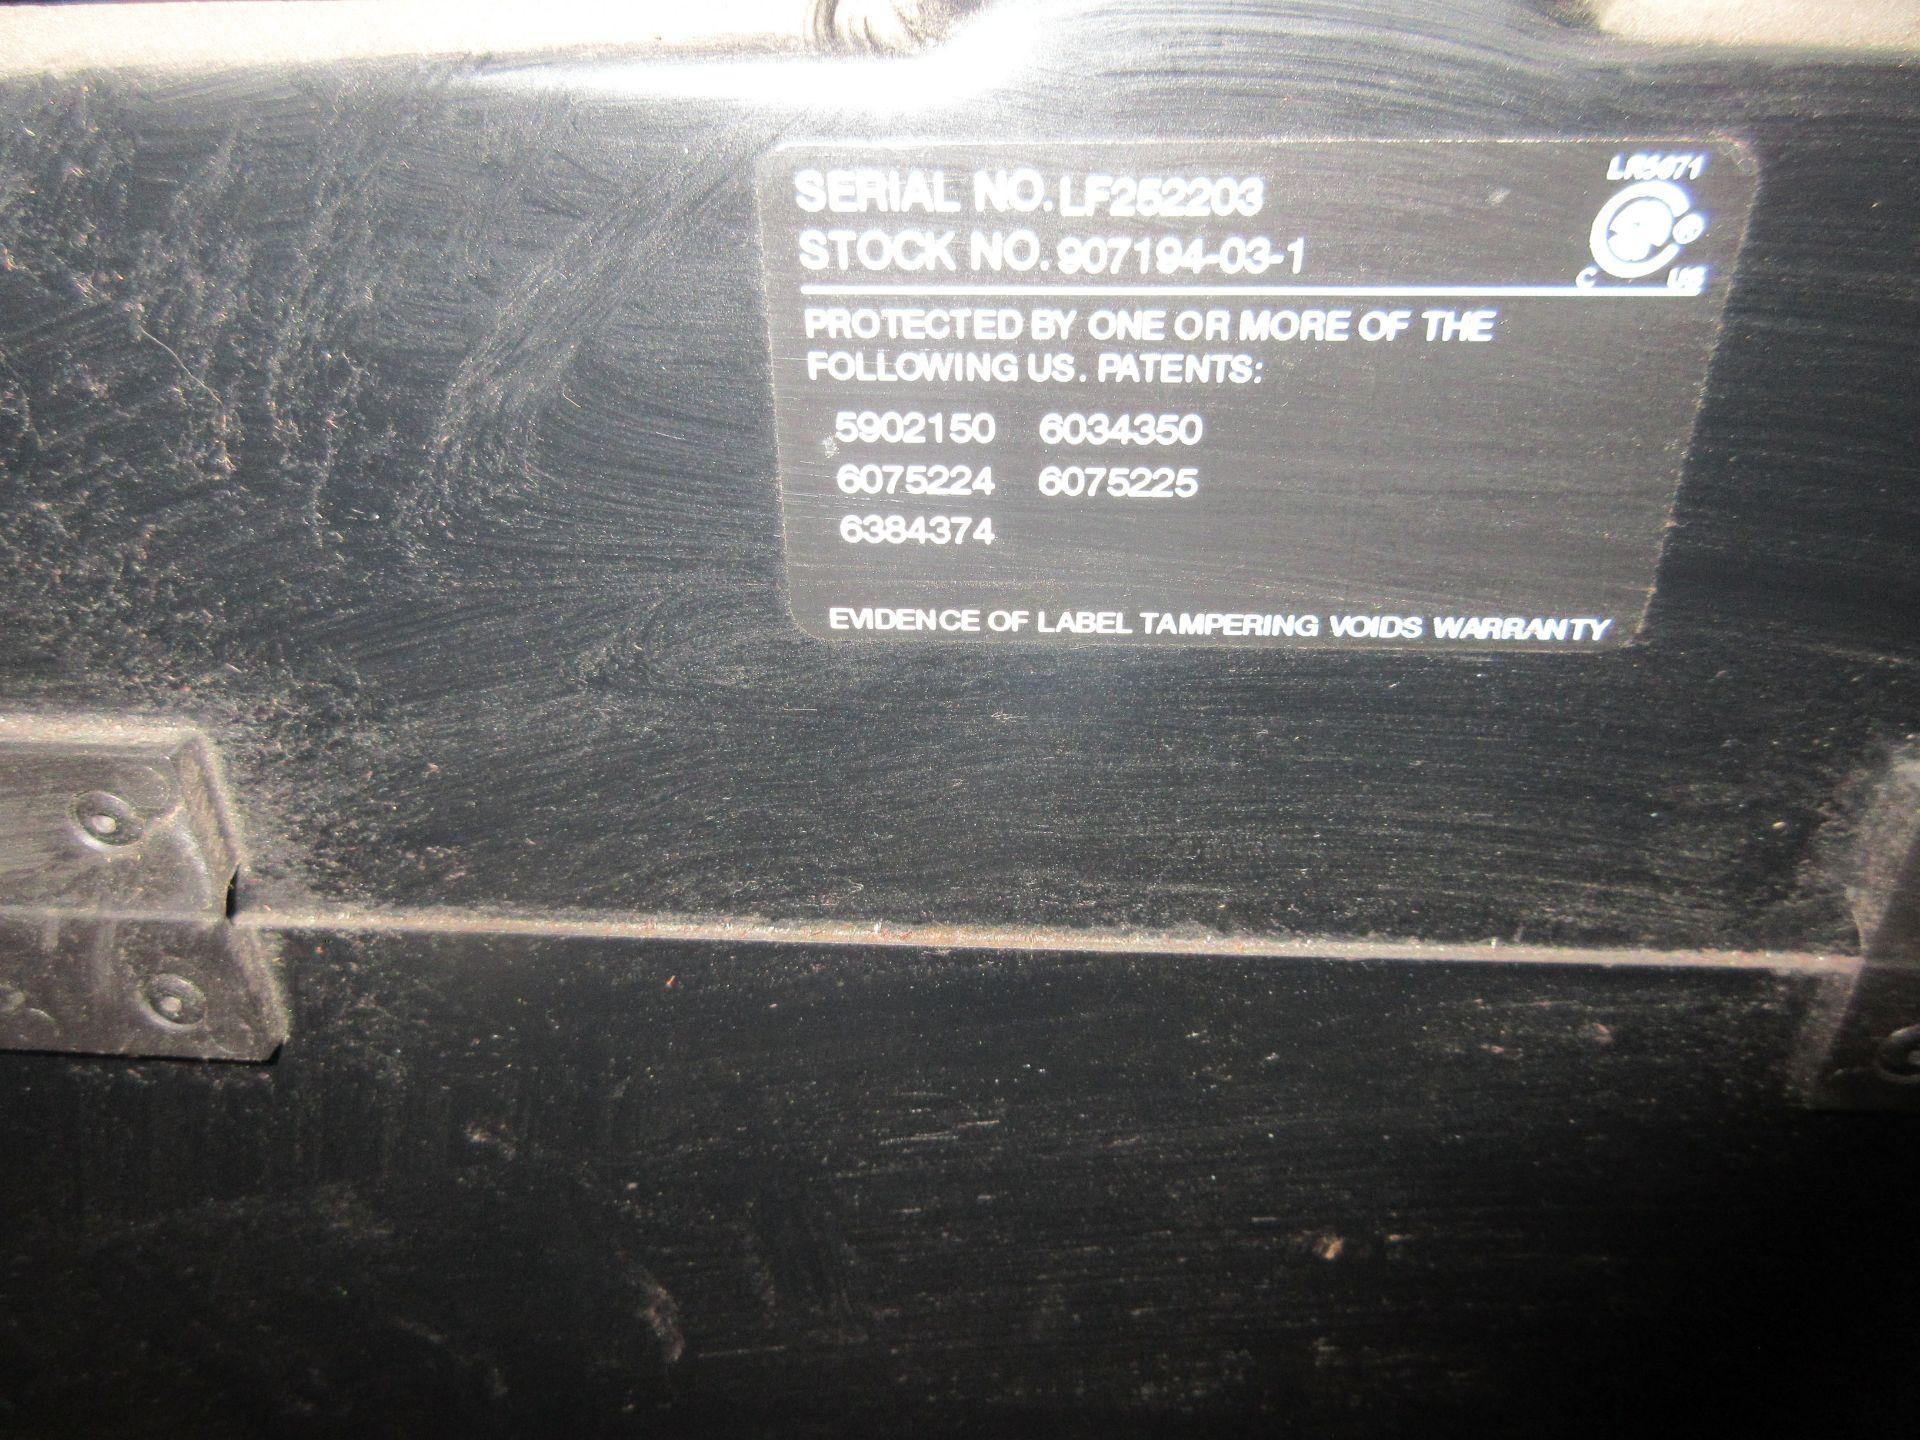 (1) Miller Syncrowave 250DX Welder, S/N LF252203, 115V, w/ Miller Coolmate 3 Cooler, Foot Control - Image 4 of 4